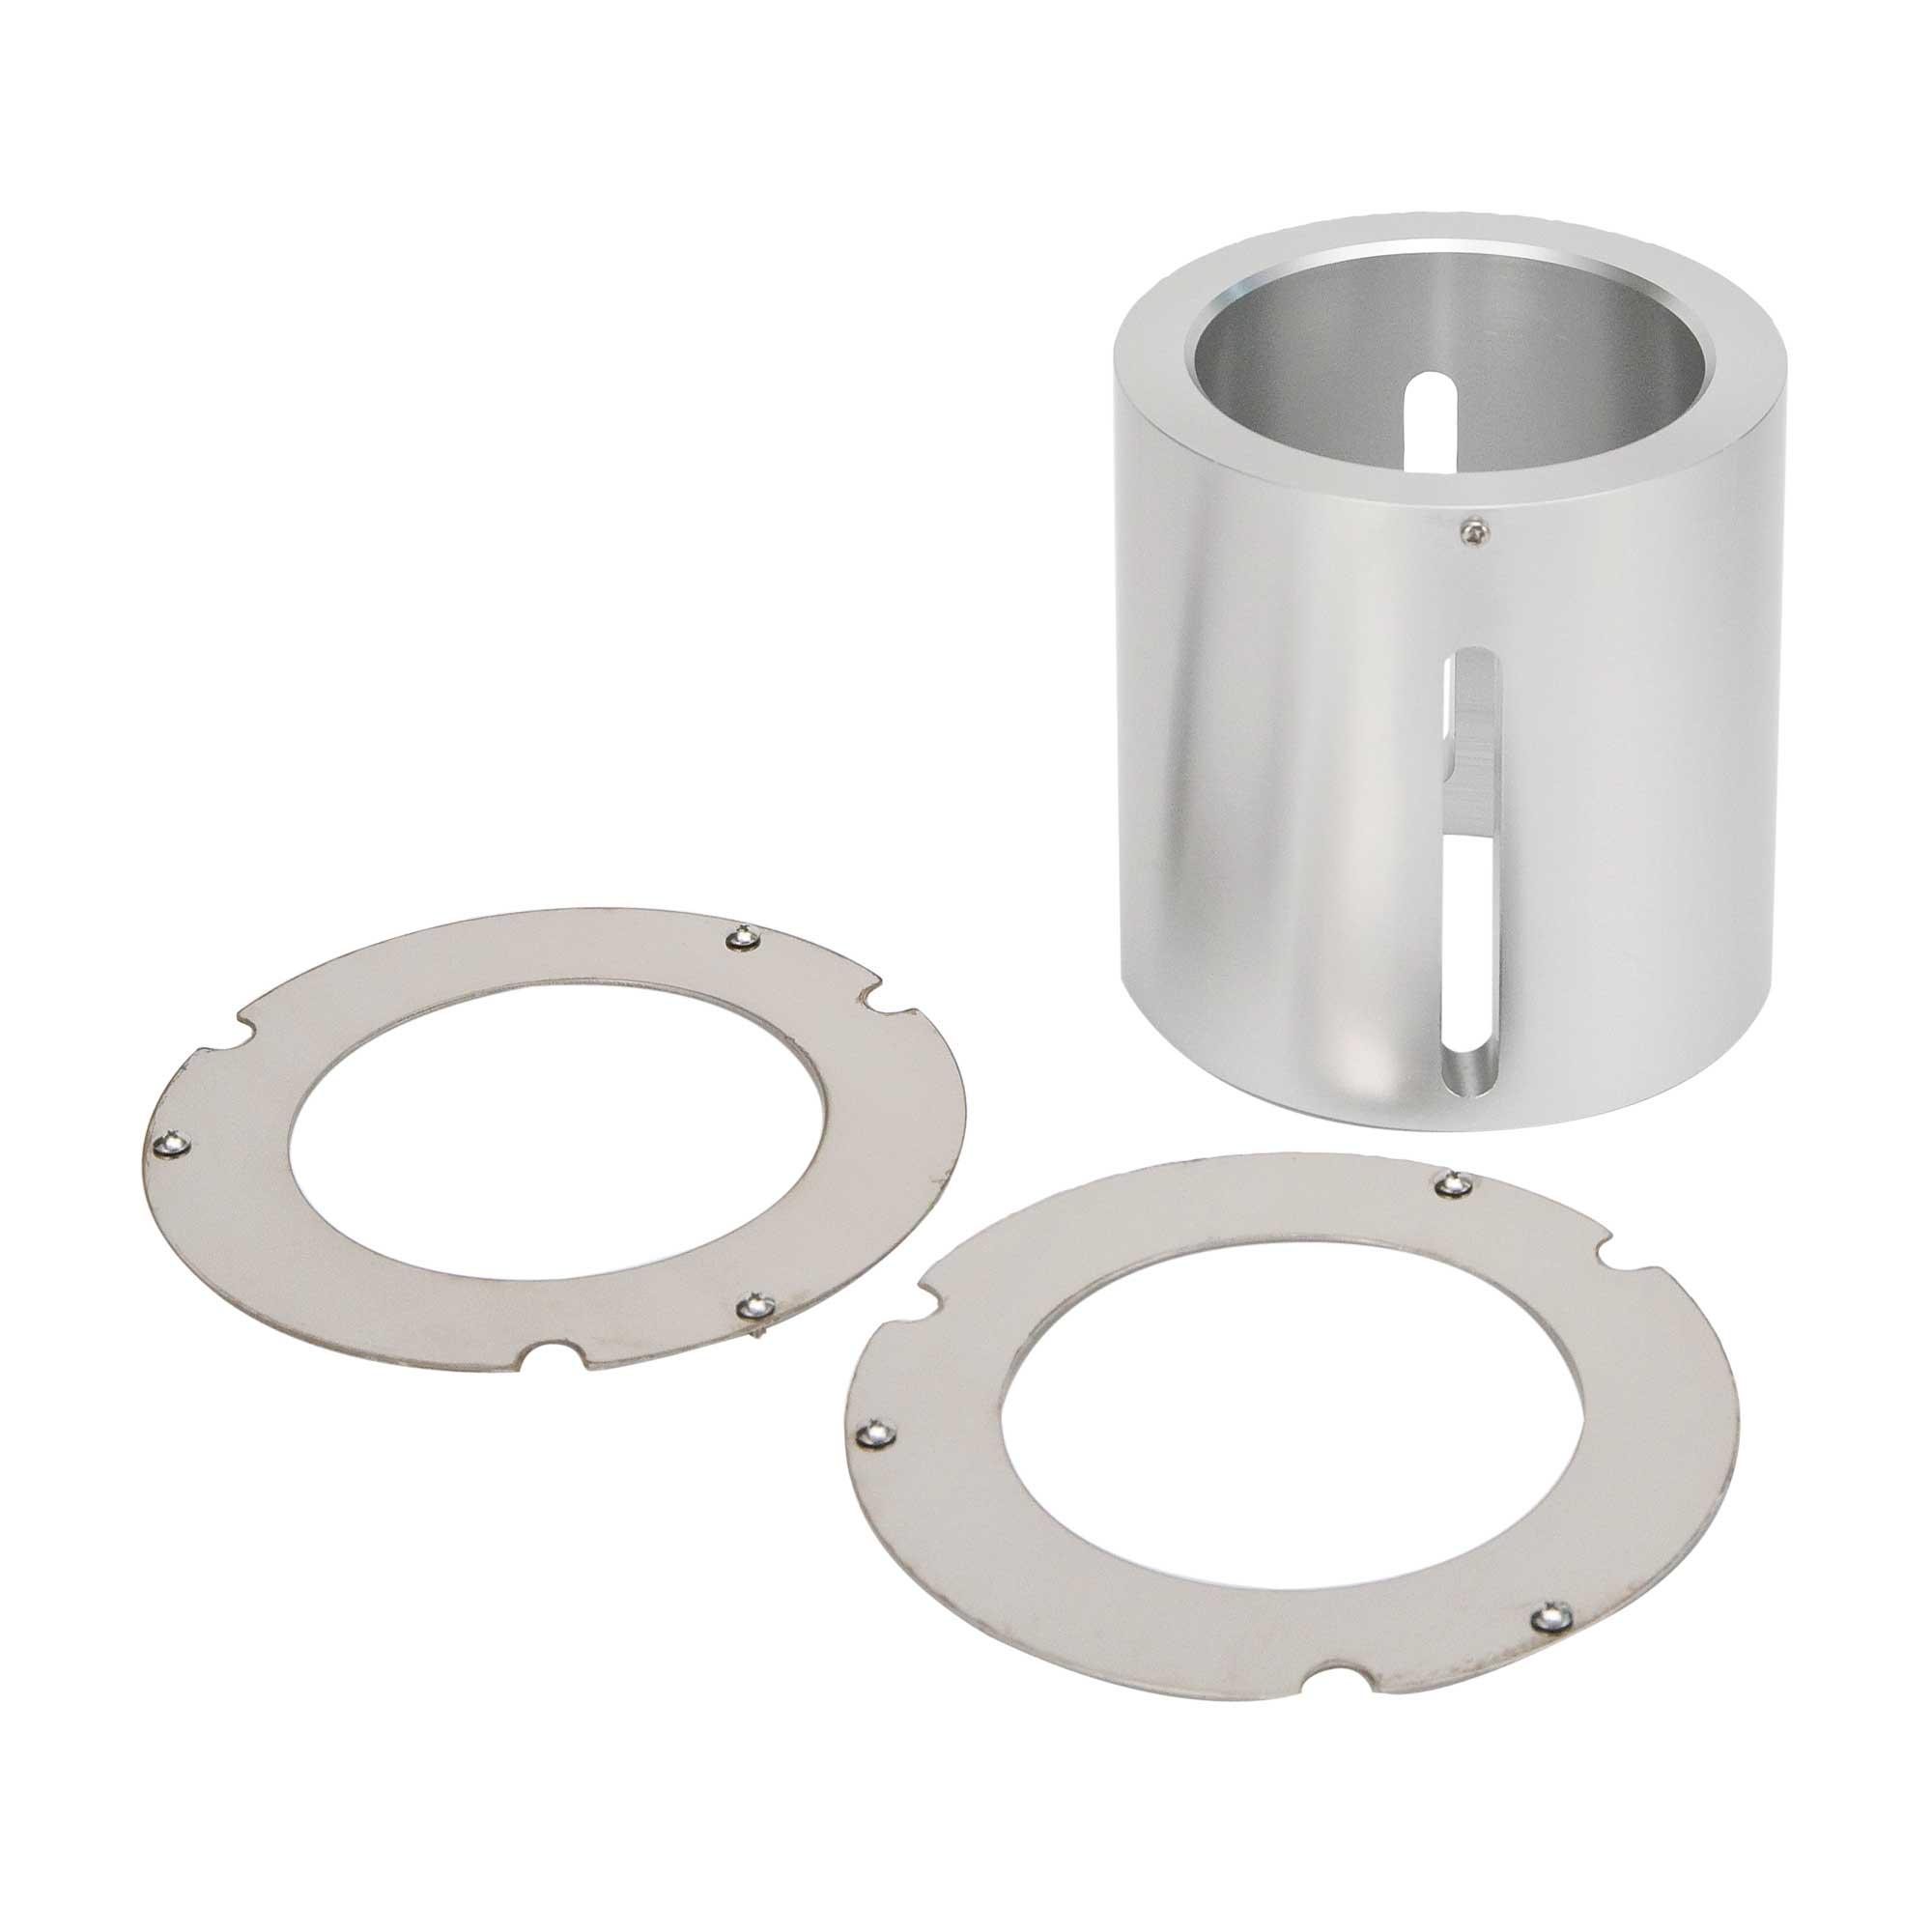 054310-3310 ケミストプラザCP-300用 加熱ブロックアダプター 300℃仕様 500mL 柴田科学(SIBATA)